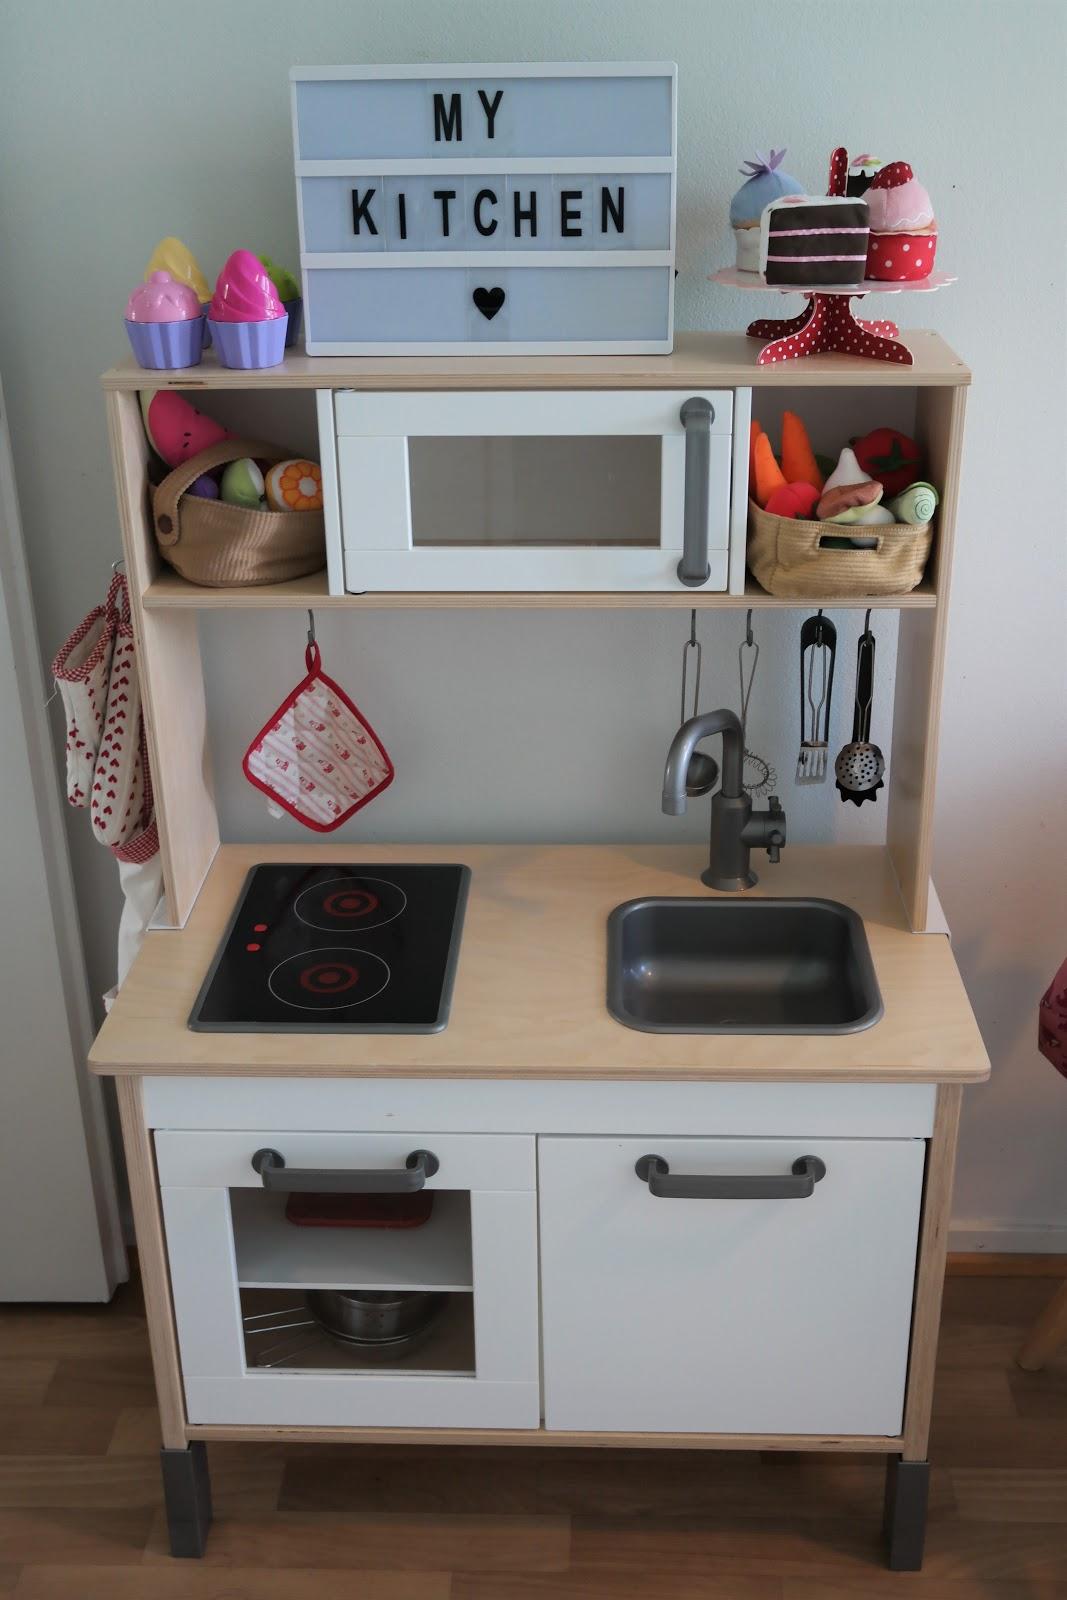 Ikea Duktik keittiö